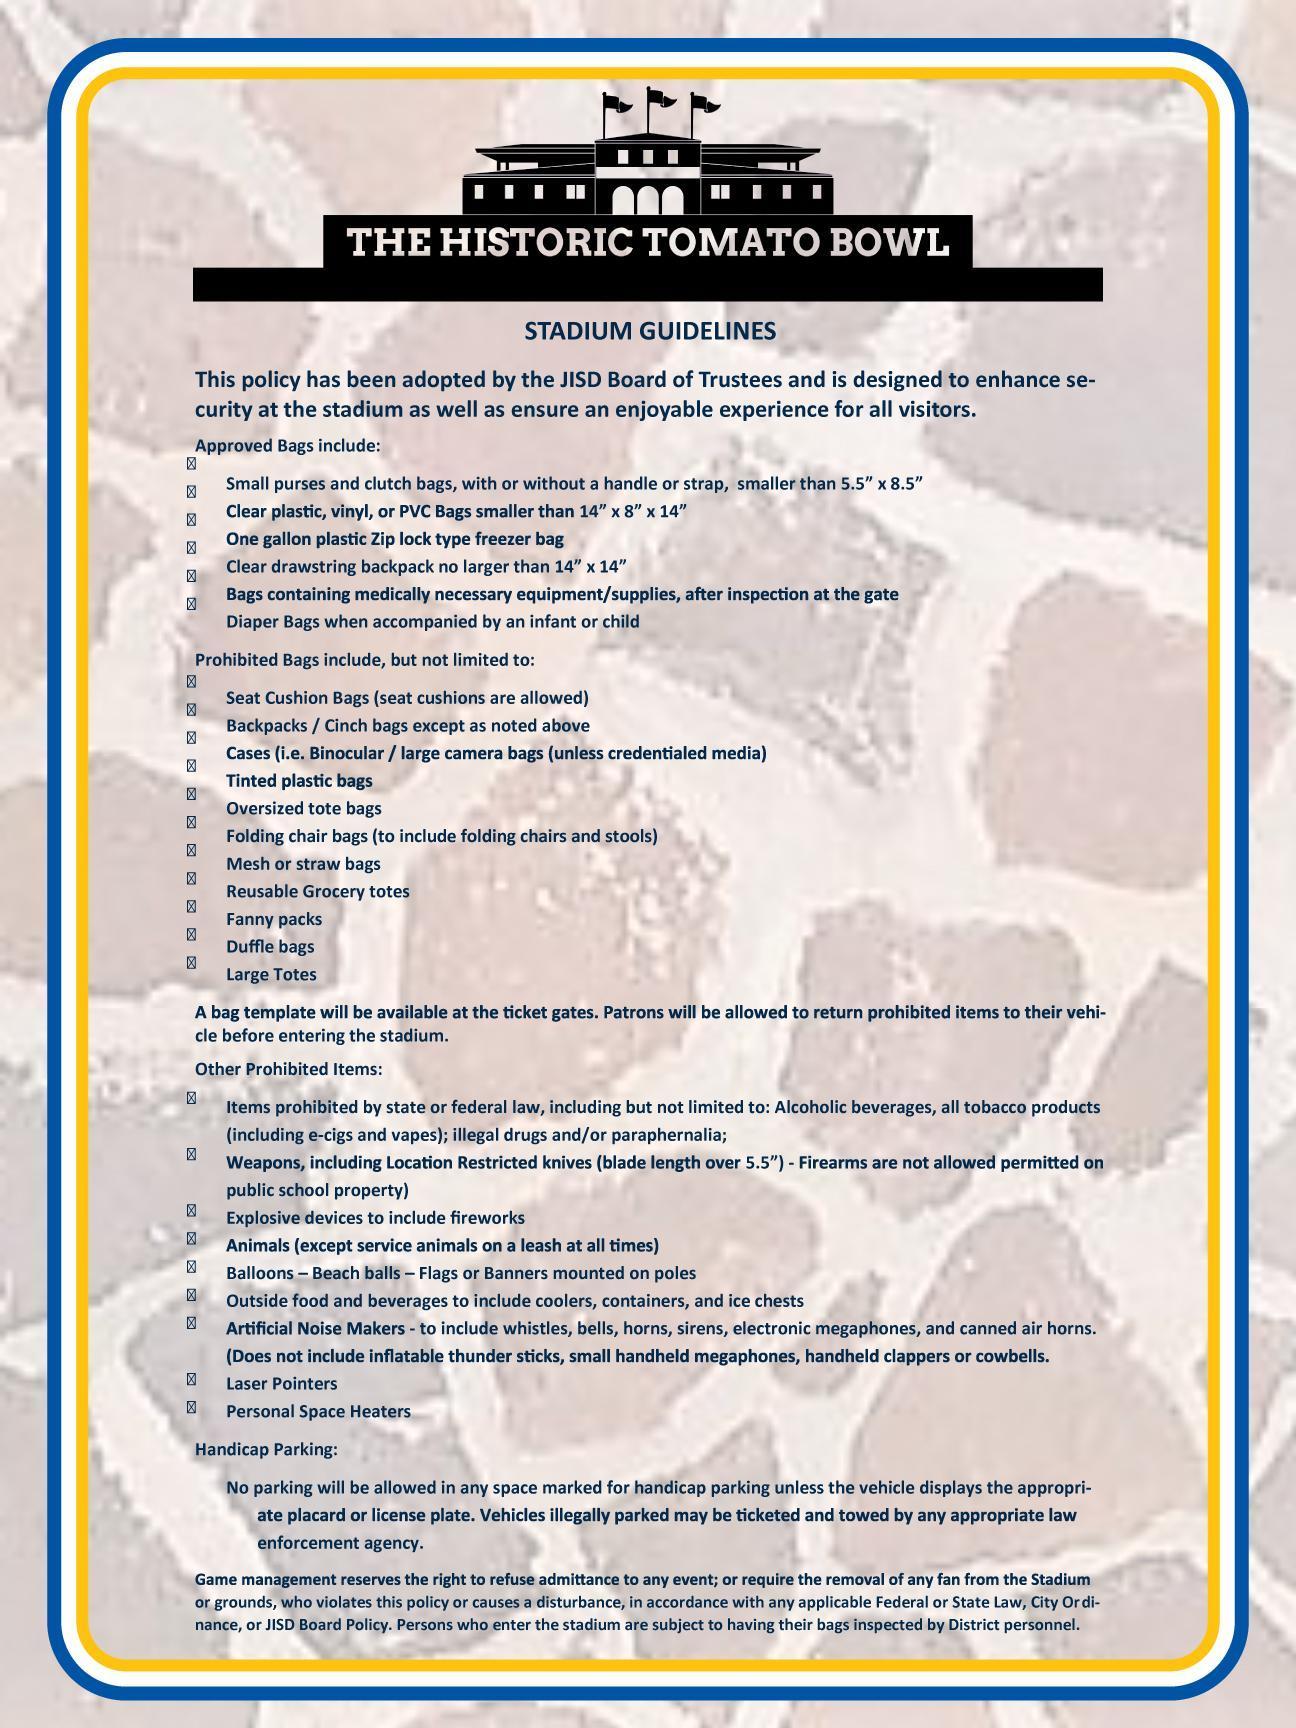 TB Stadium Guidelines